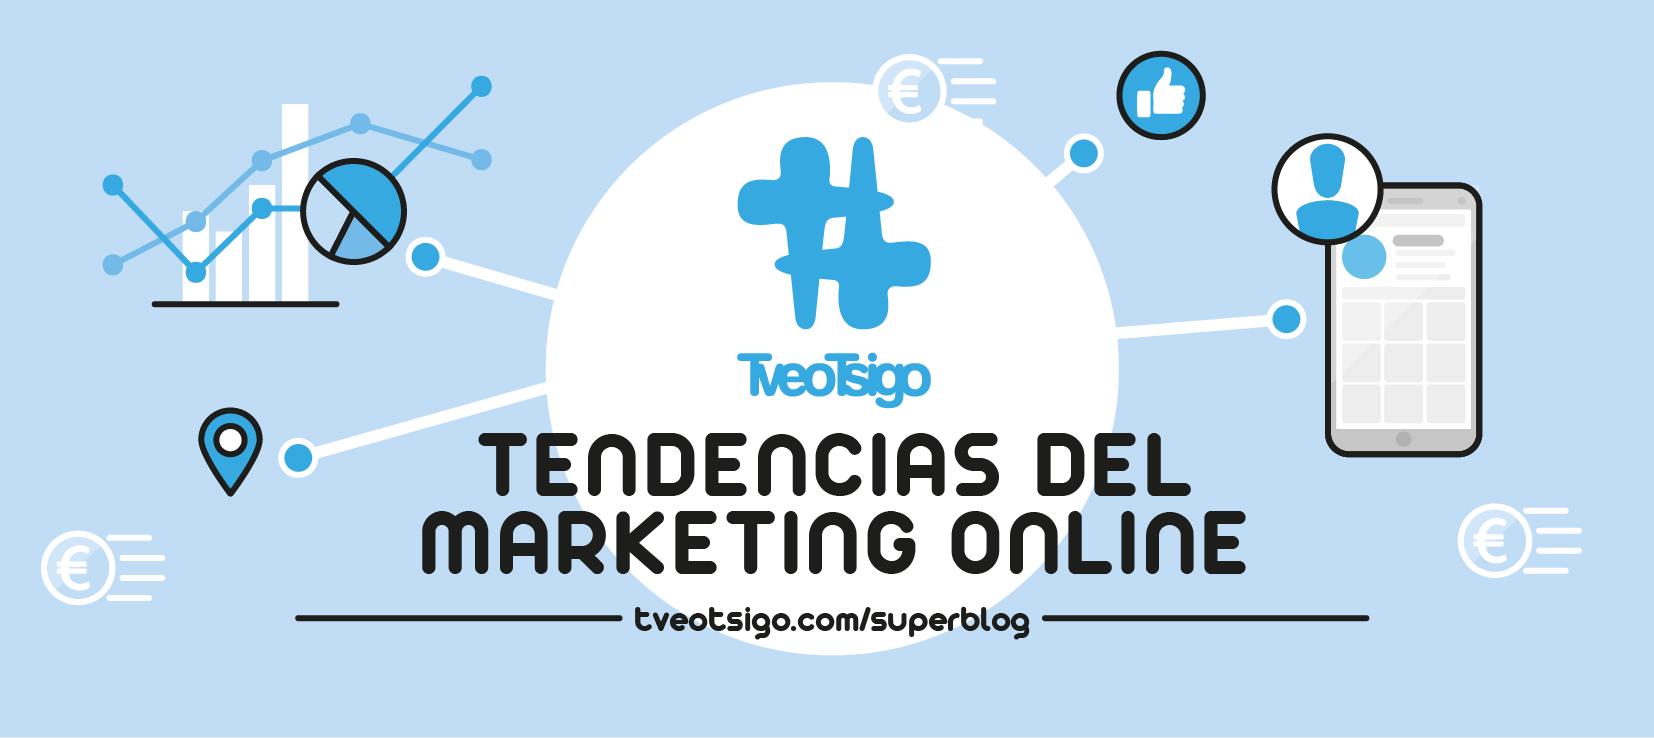 """Imagen para artículo de superblog: """"Tendencias del Marketing Online"""""""